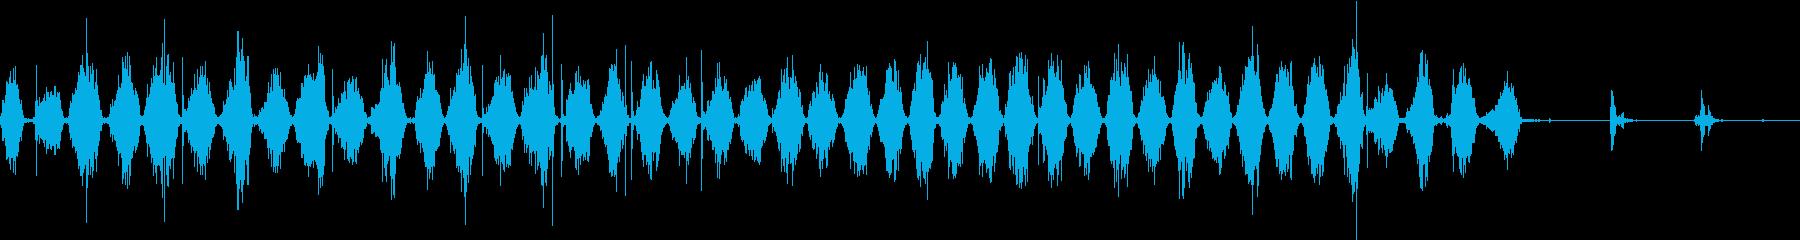 【生録音】ノコギリで物を切る音 3の再生済みの波形